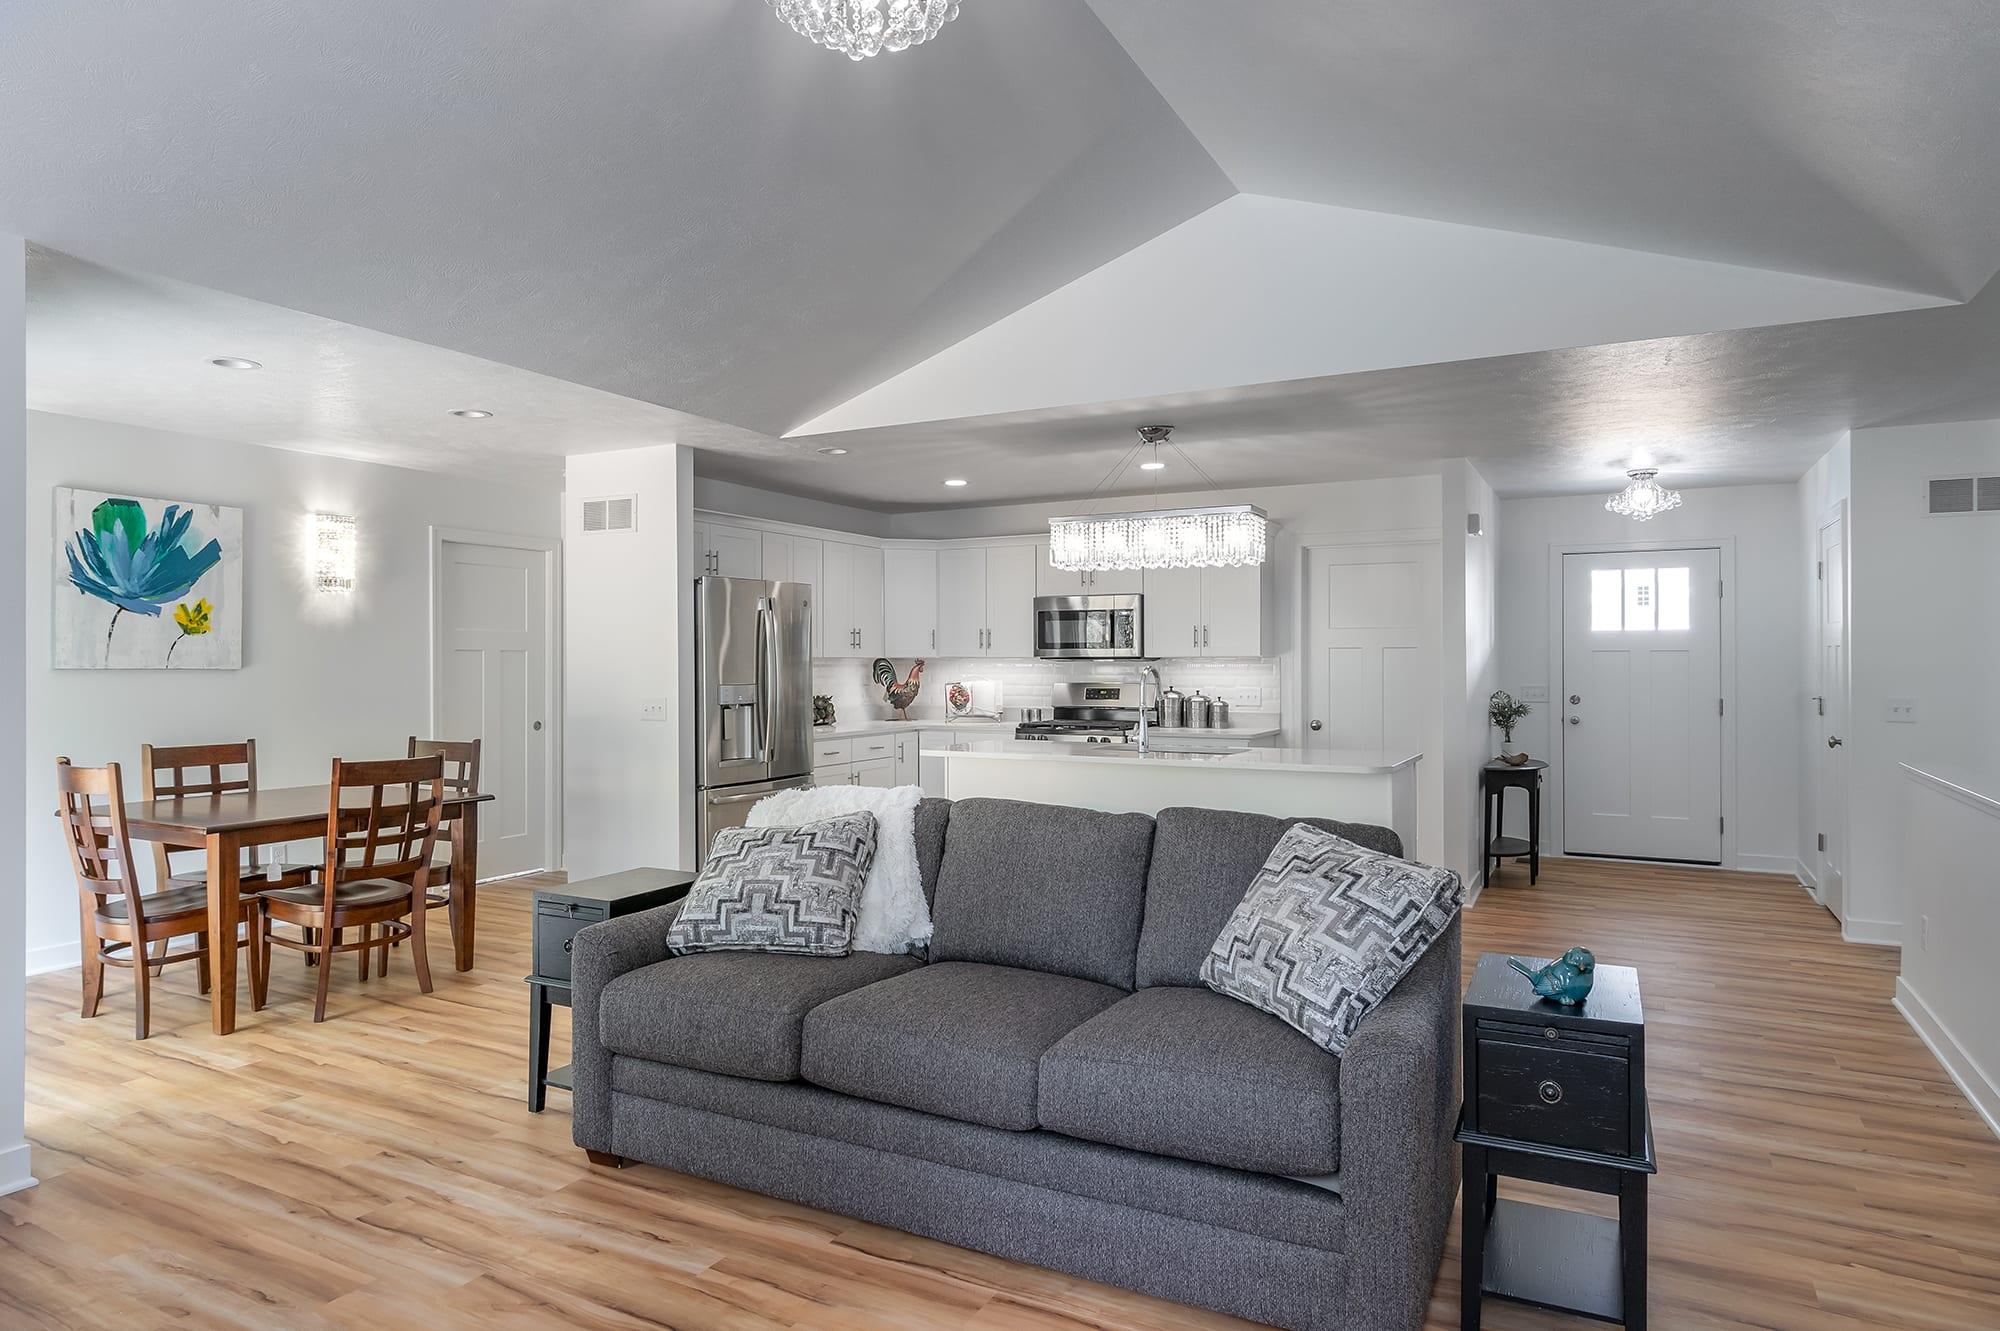 martz homebuilders new living room in new house